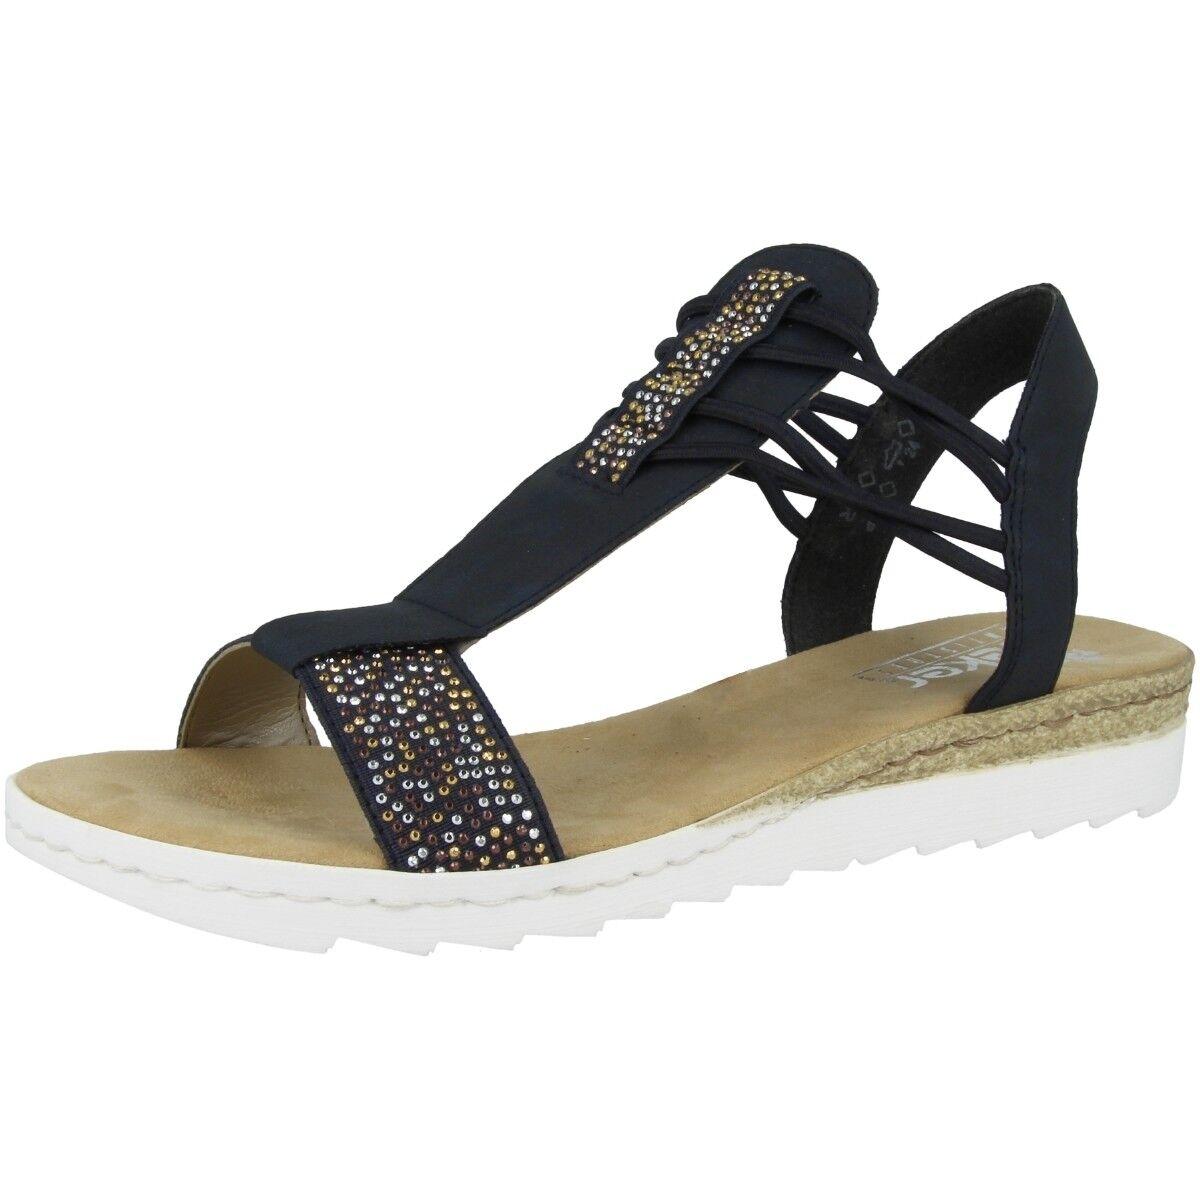 Rieker Rieker Rieker Schuhe Brillastica New York Schuhe Rieker Damen Sandalen 178630